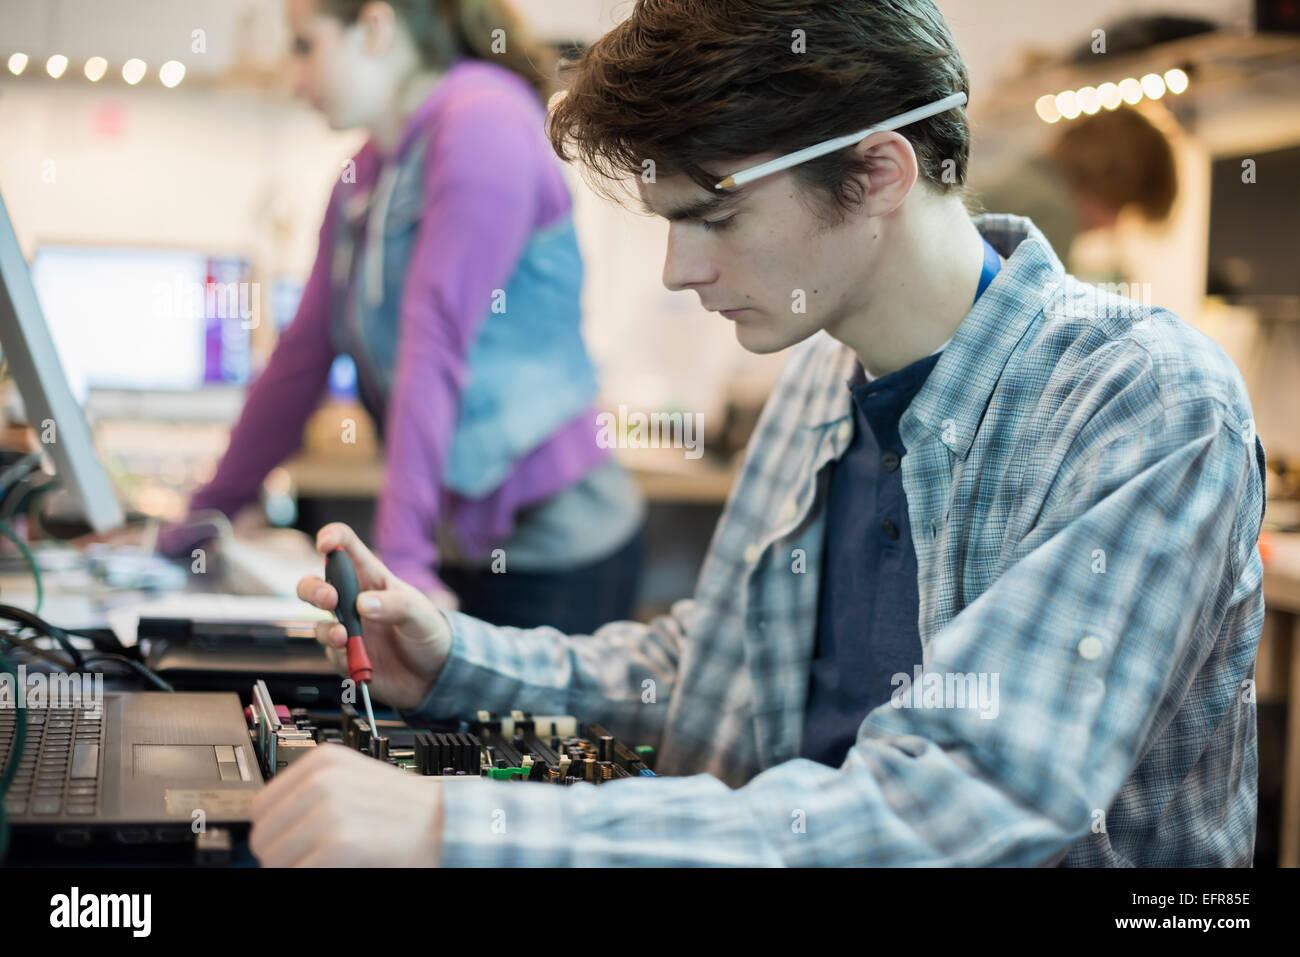 Due persone in un computer repair shop. I tecnici, i giovani al lavoro per riparare il computer. Immagini Stock